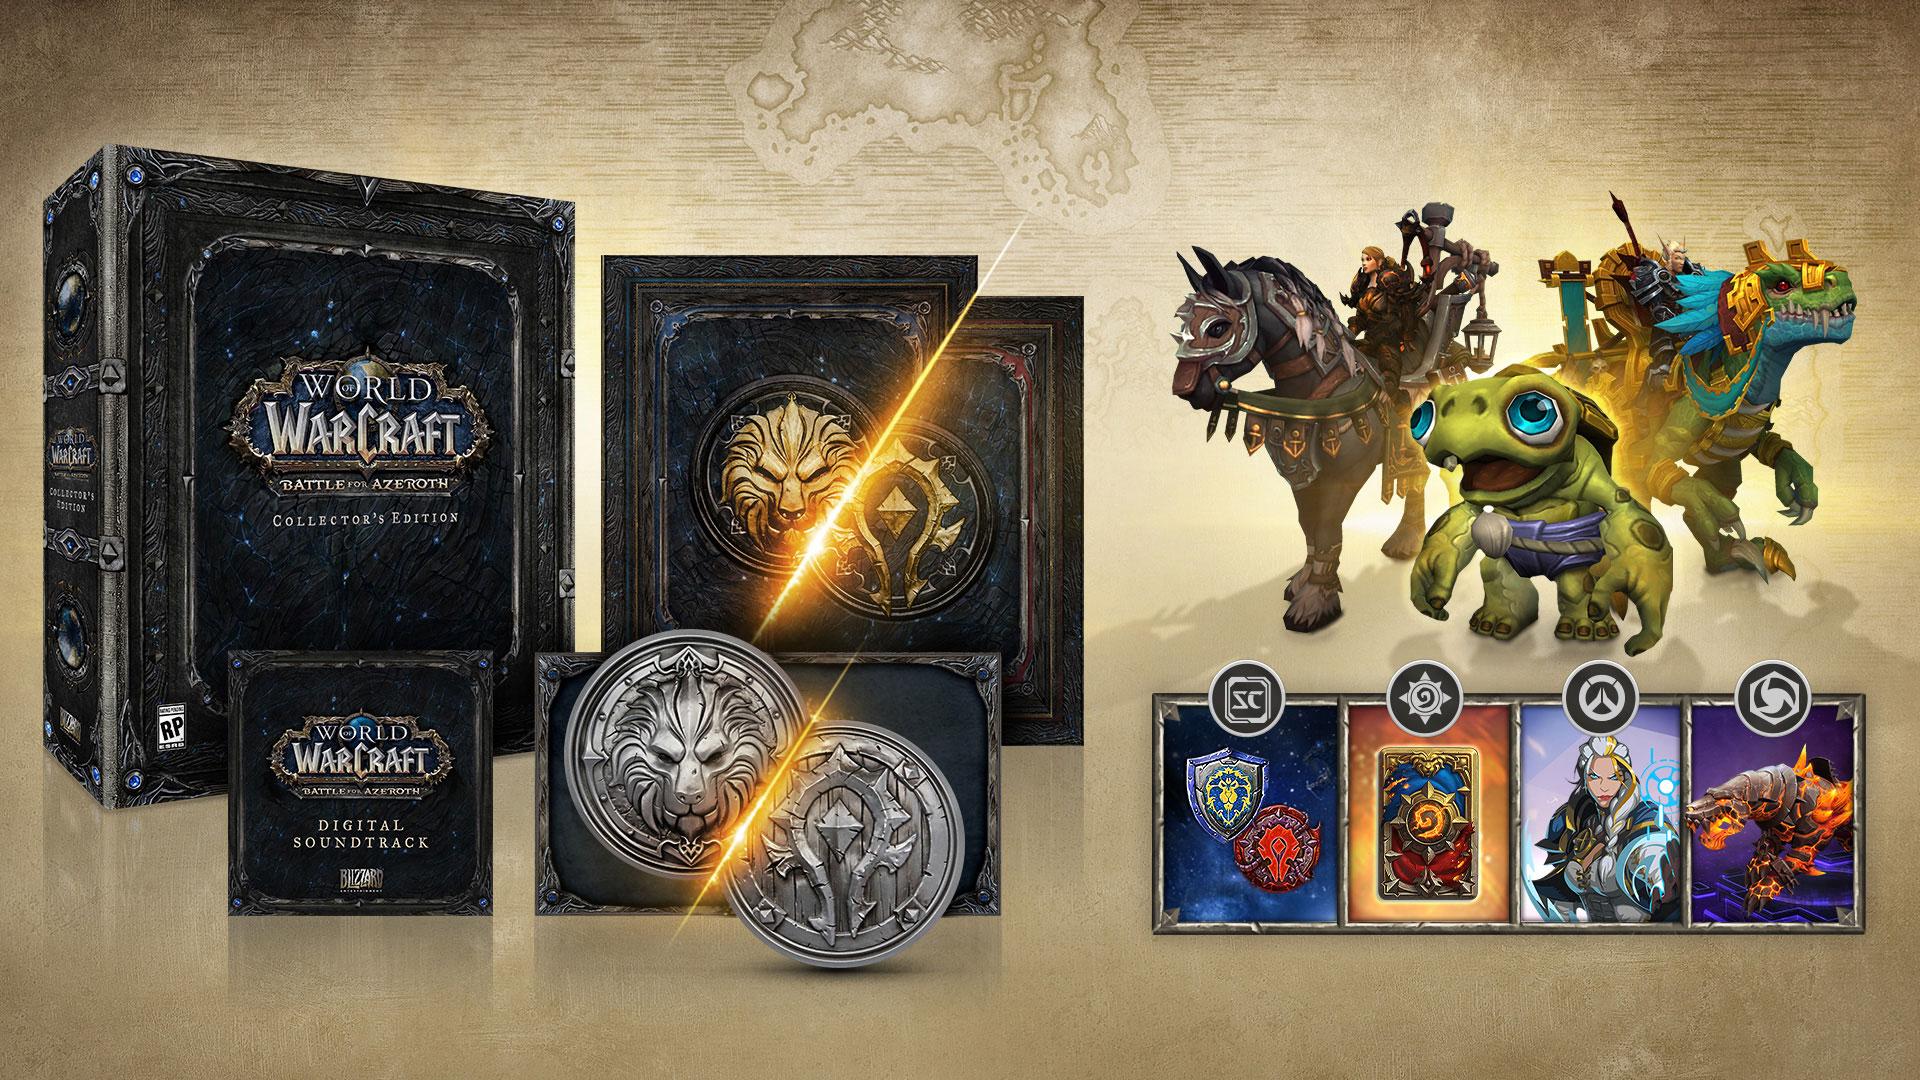 Contenu de l'édition collector de Battle for Azeroth